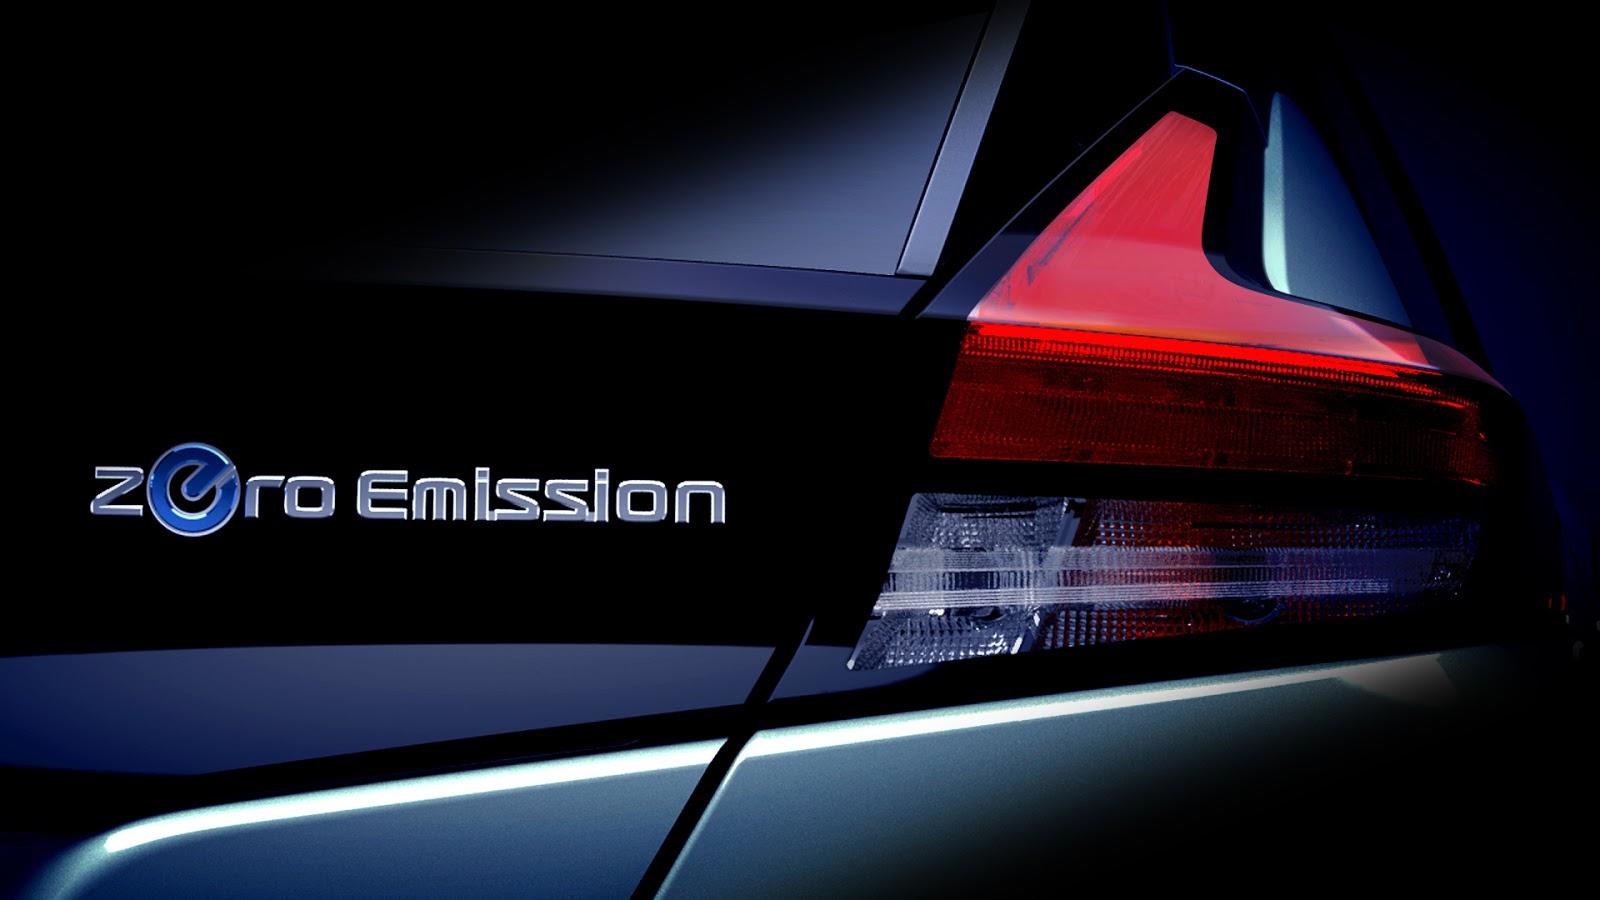 Πρεμιέρα για το νέο Nissan LEAF στις 6 Σεπτεμβρίου